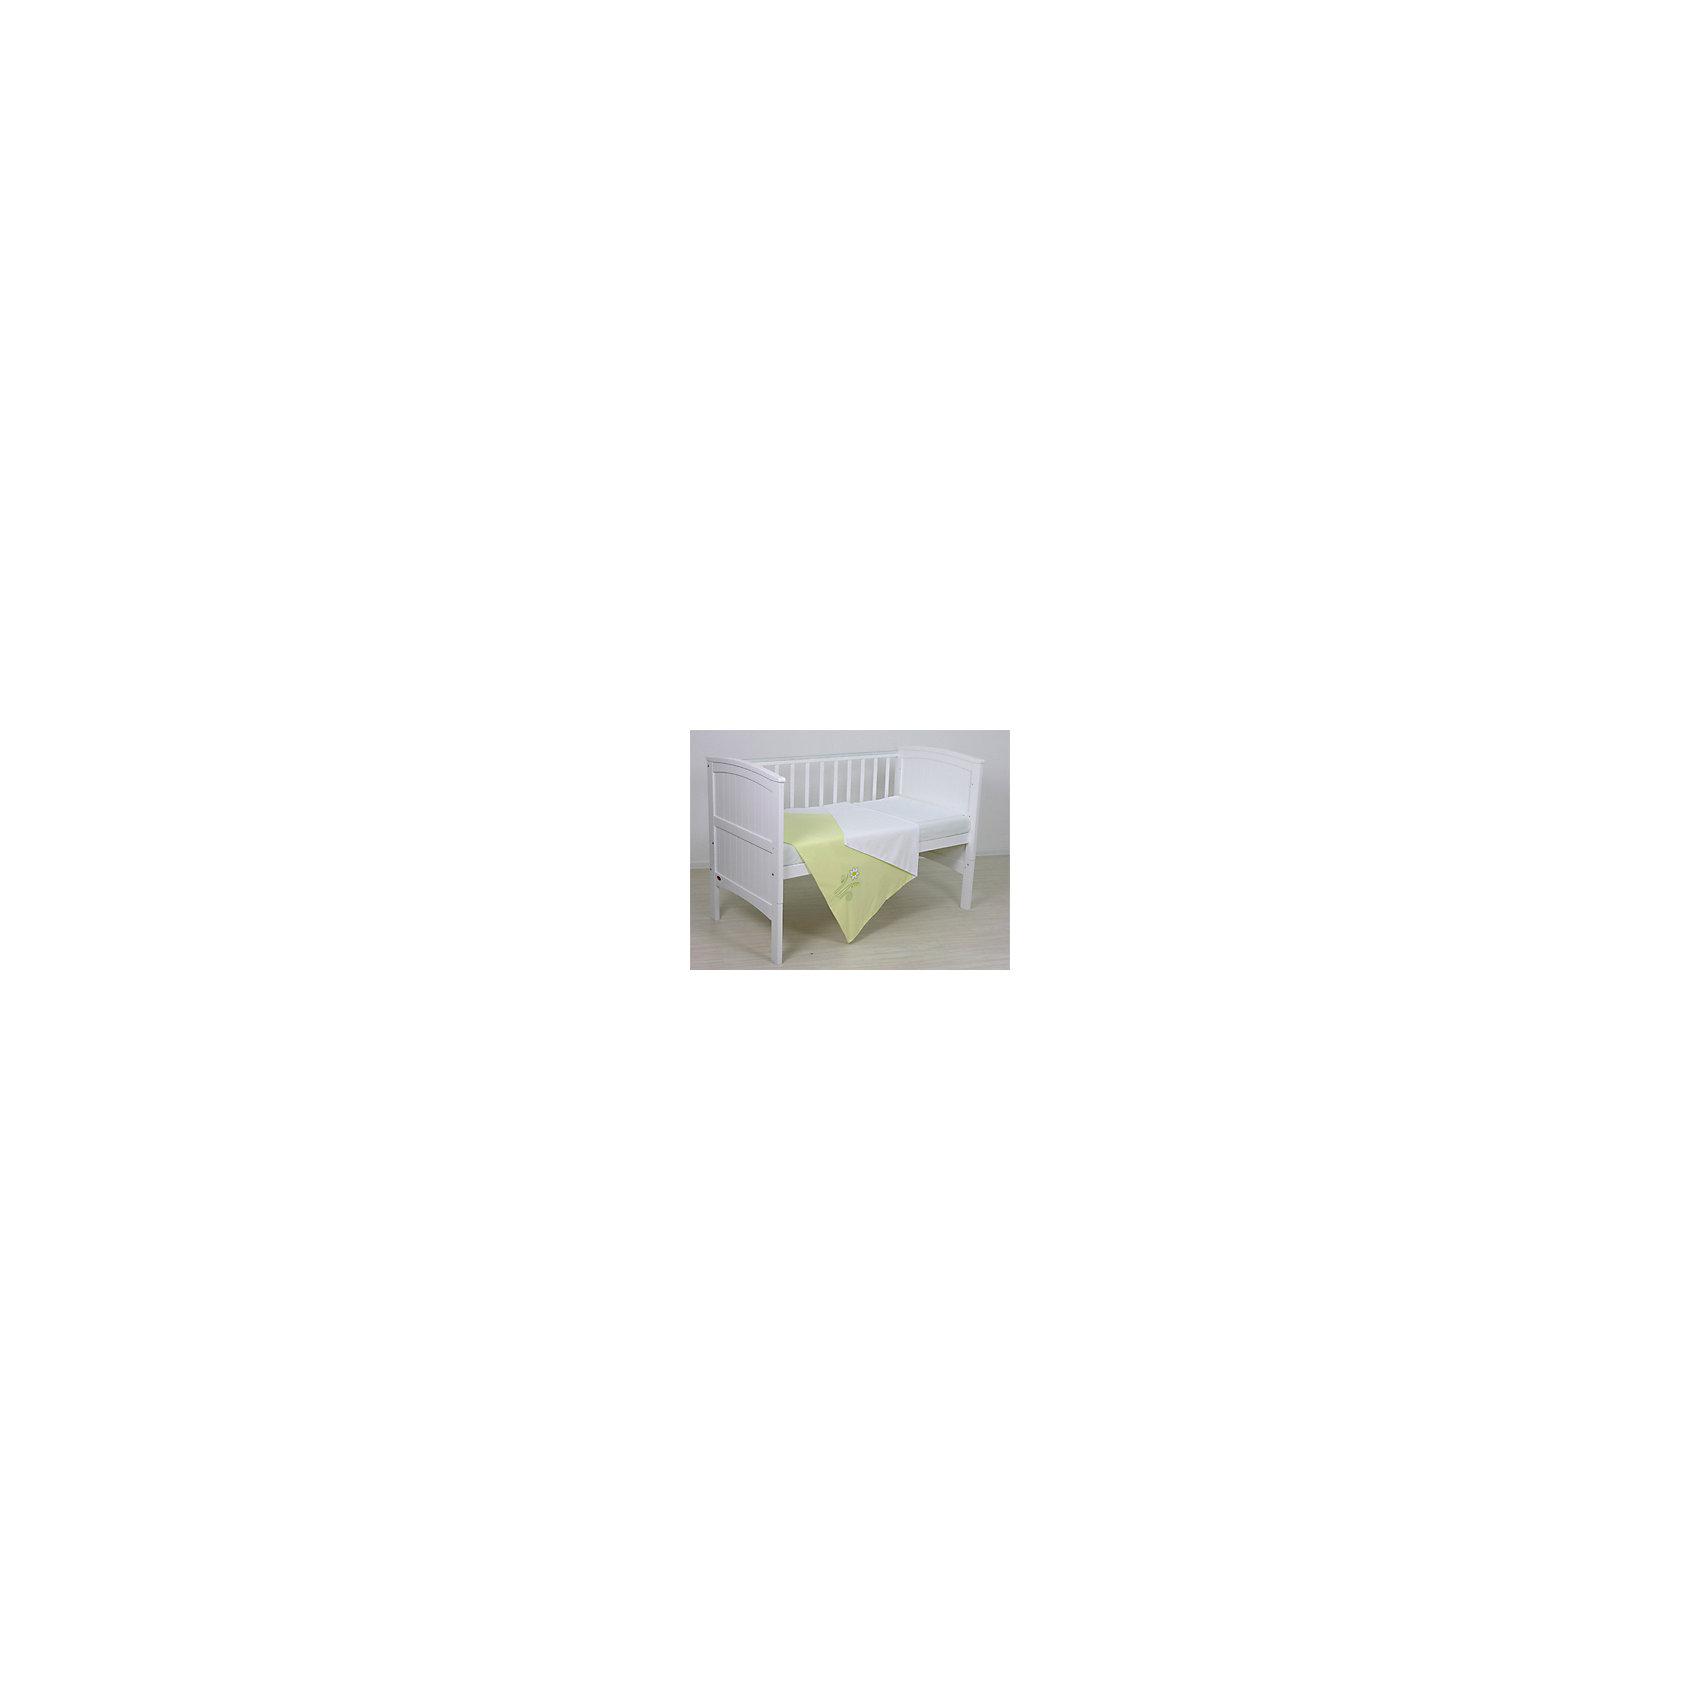 Постельное белье На лугу 3 пред., FairyПостельное бельё<br>Характеристики товара:<br><br>• возраст с рождения;<br>• материал: хлопок;<br>• наволочка 40х60 см<br>• простыня на резинке 120х60 см<br>• пододеяльник 110х140 см;<br>• страна производитель: Россия.<br><br>Постельное белье «На лугу» Fairy обеспечит крохе уютный и спокойный сон. Белье изготовлено из натурального хлопка, который не вызывает у малышей аллергических реакций и раздражения. <br><br>Постельное белье «На лугу» Fairy можно приобрести в нашем интернет-магазине.<br><br>Ширина мм: 570<br>Глубина мм: 410<br>Высота мм: 570<br>Вес г: 900<br>Возраст от месяцев: 0<br>Возраст до месяцев: 36<br>Пол: Унисекс<br>Возраст: Детский<br>SKU: 5610114